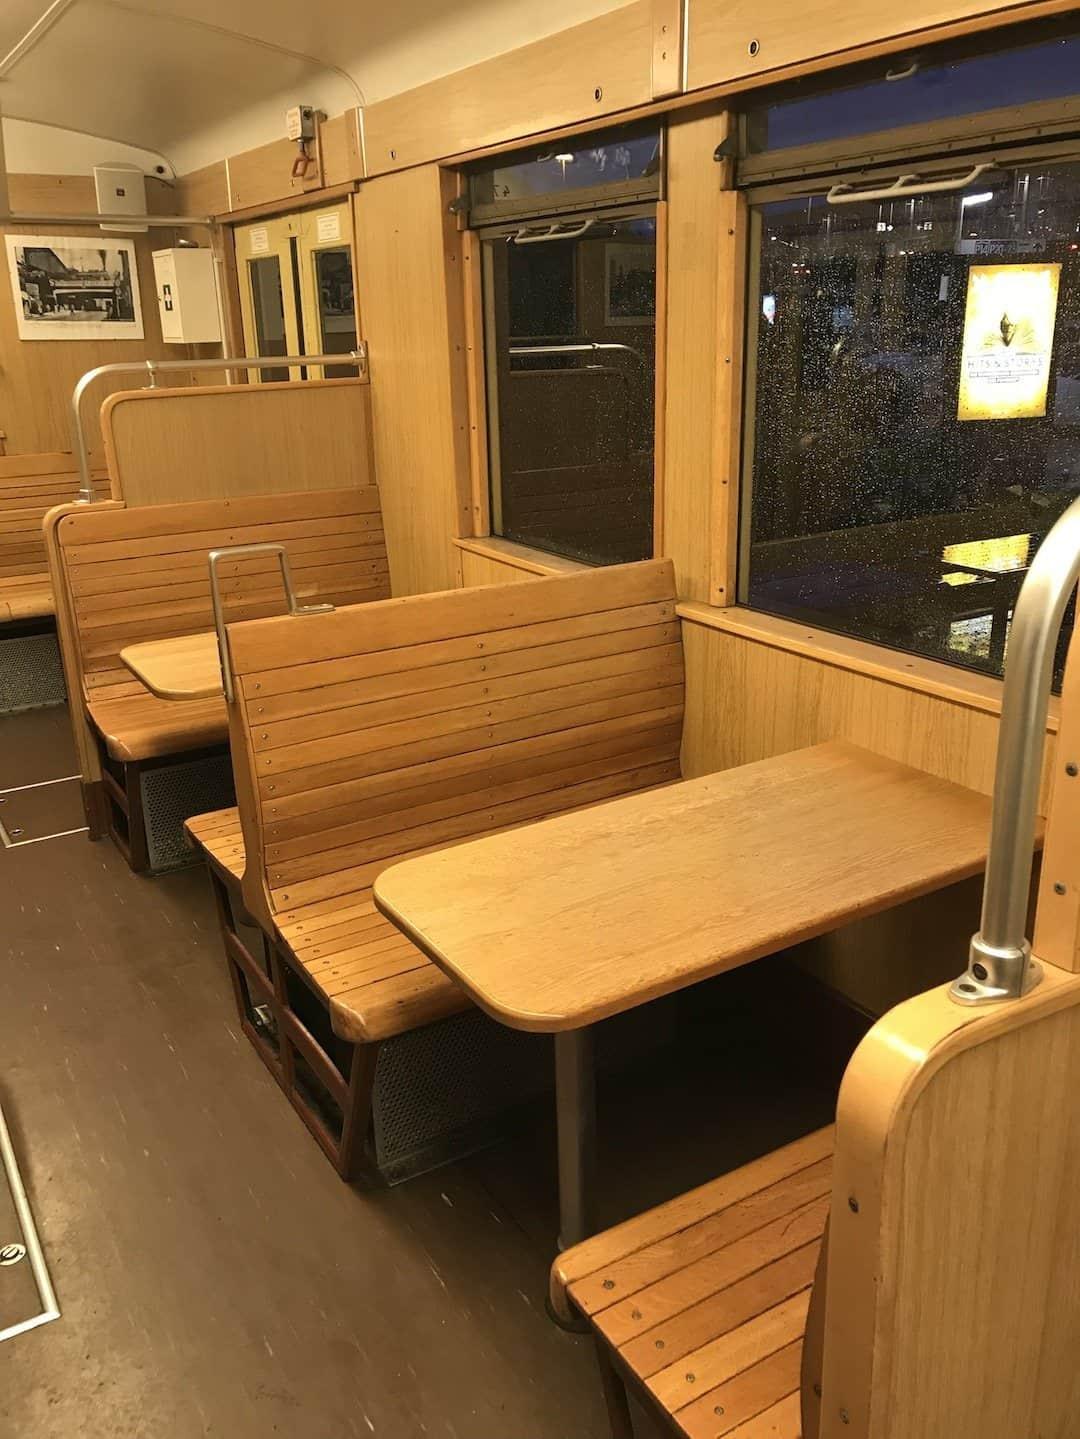 Inneneinrichtung des EsS-Bahn - sehr schlicht gehalten